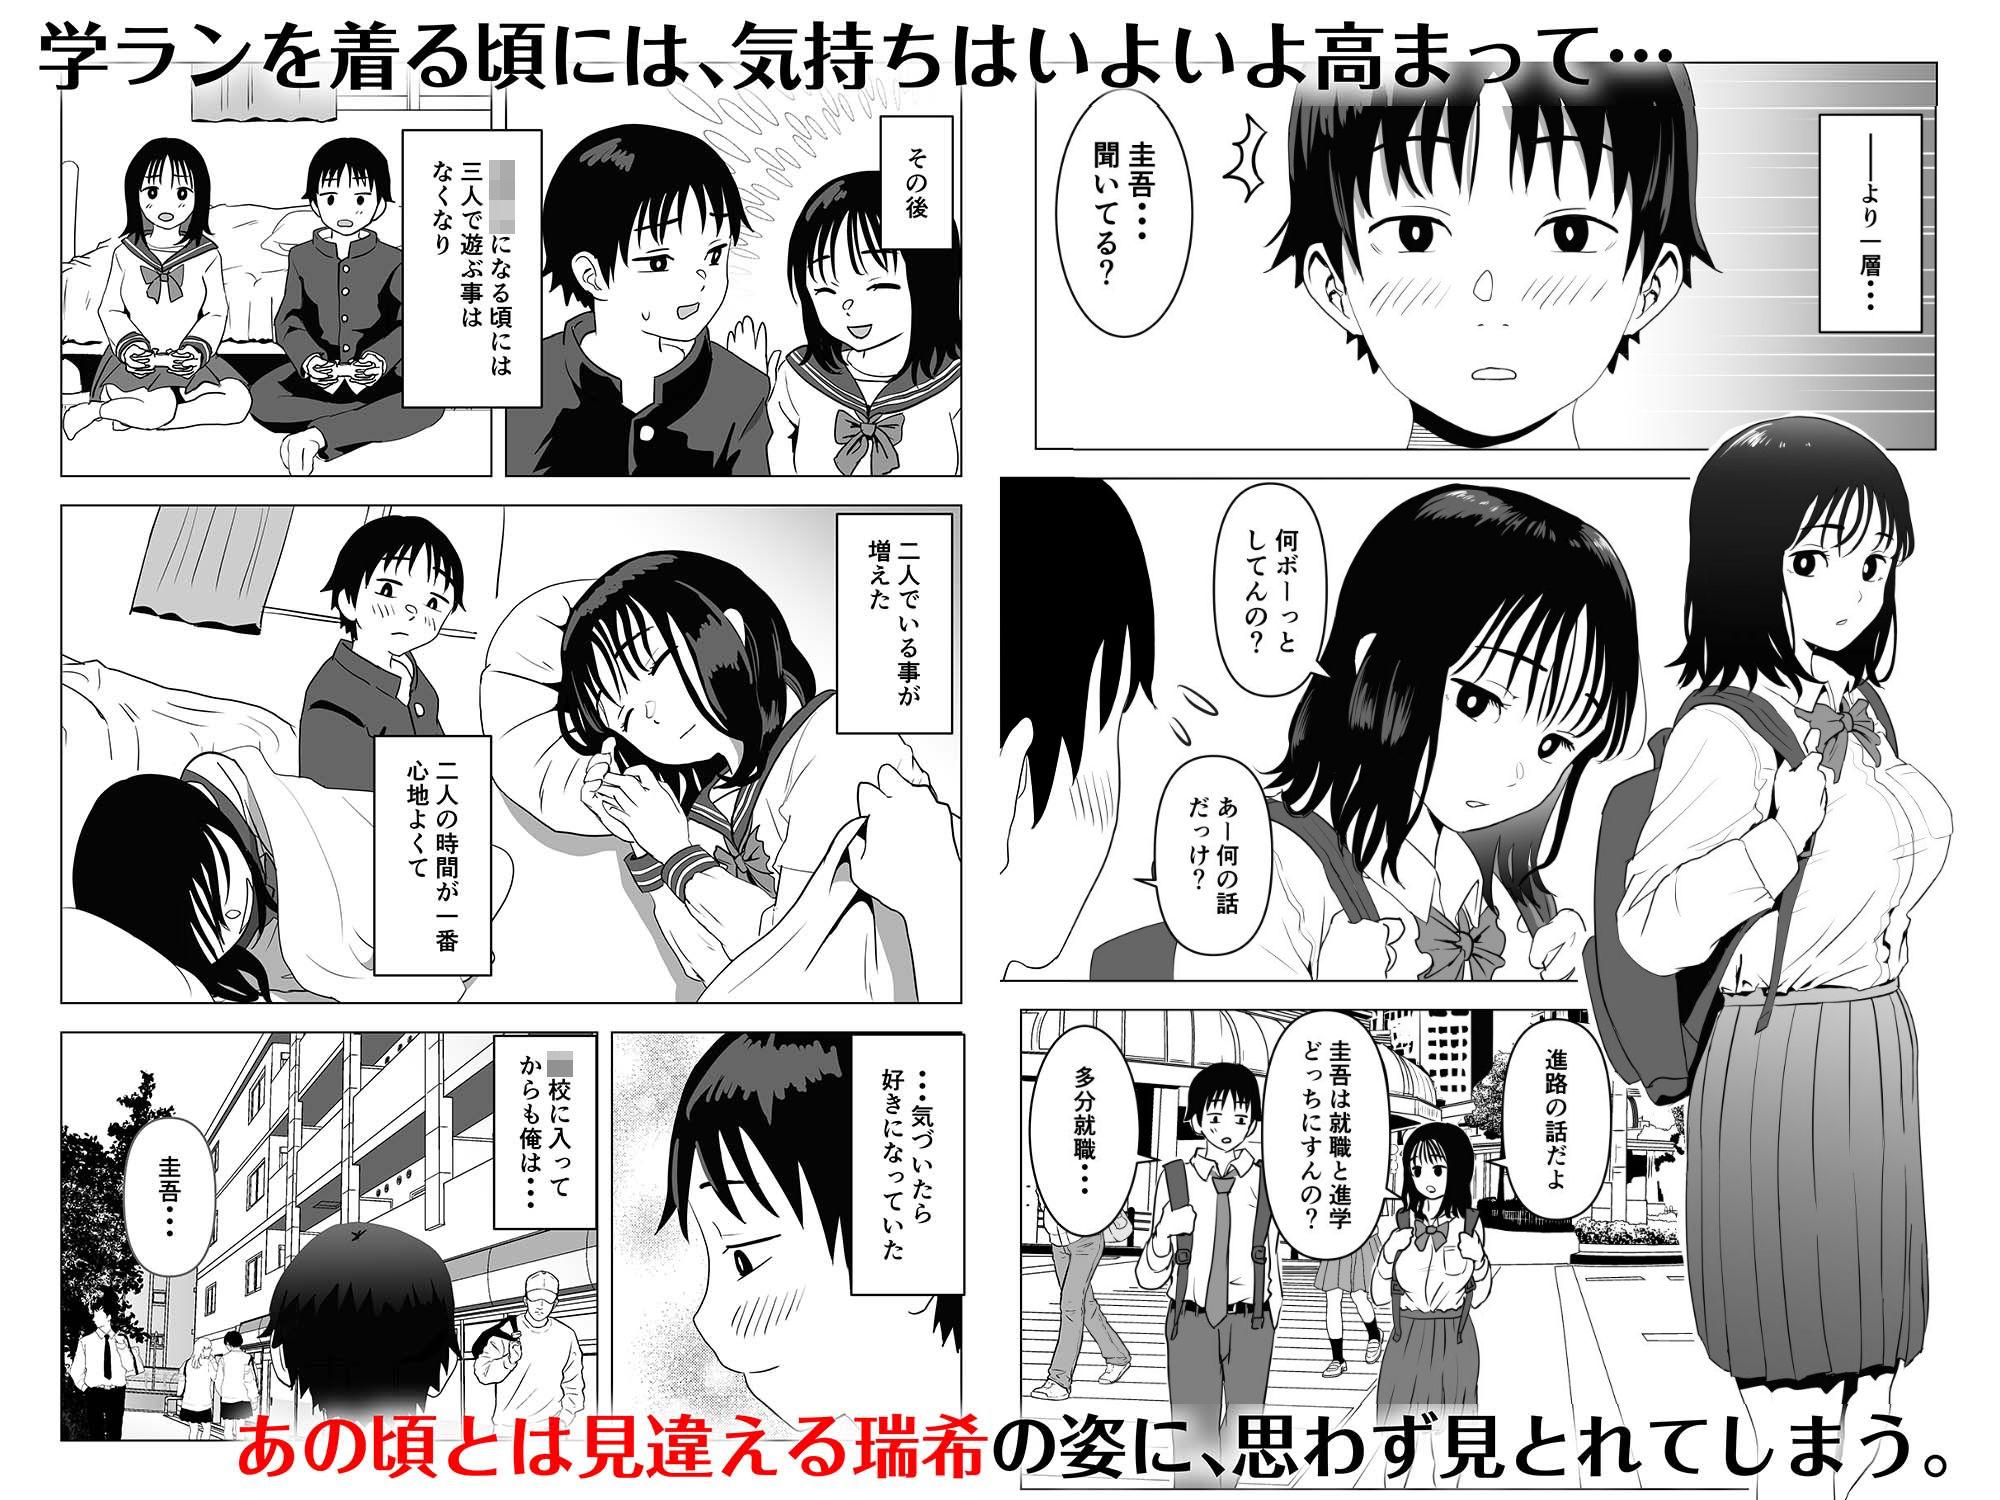 【エロ漫画】俺の巨乳幼馴染が兄貴と最近怪しい関係で‥「サークル:もちち丸」【同人誌・コミック】#3